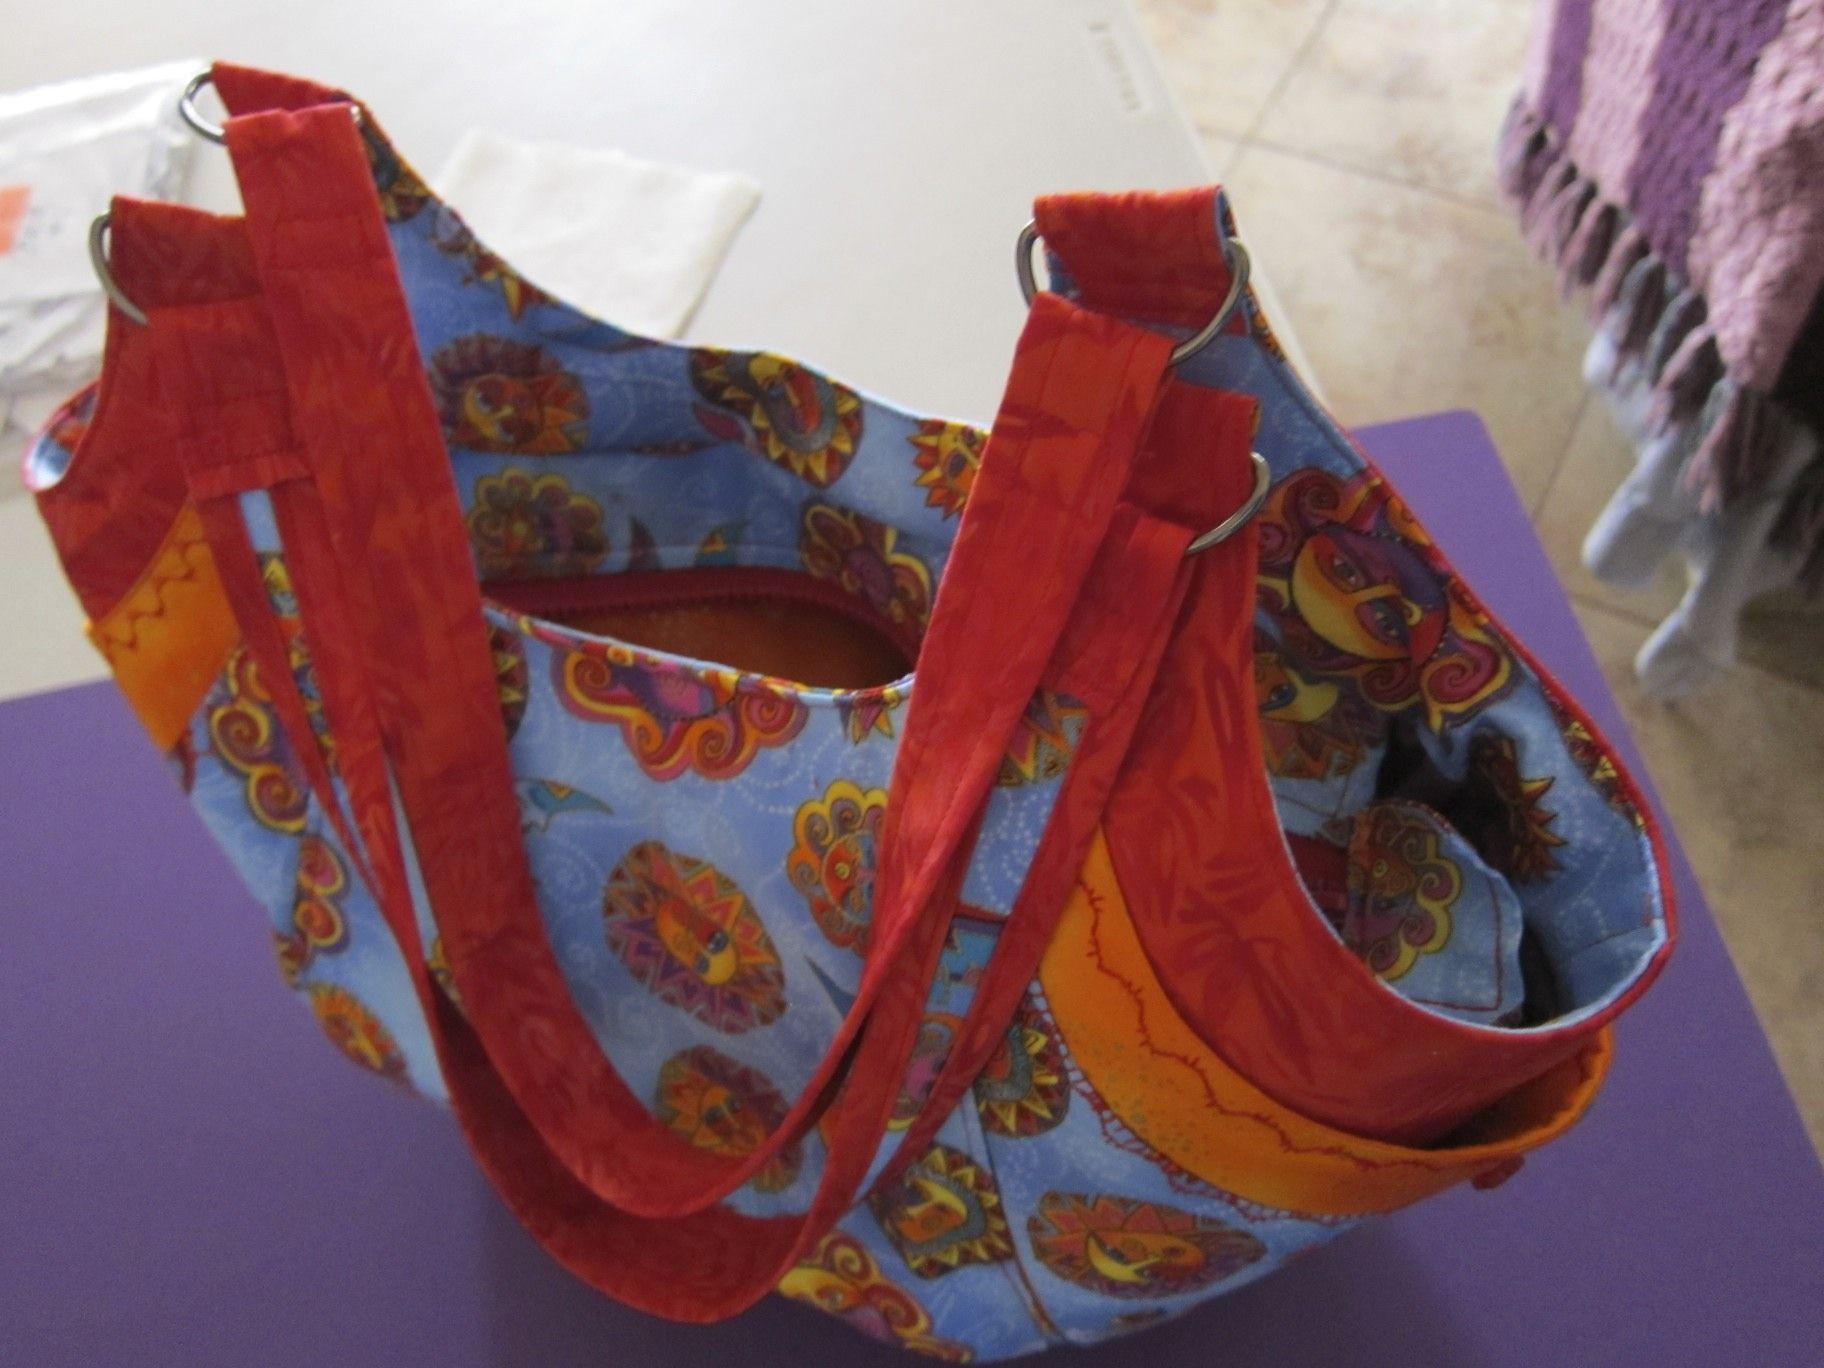 Quattro purse from StudioKatDesigns.com